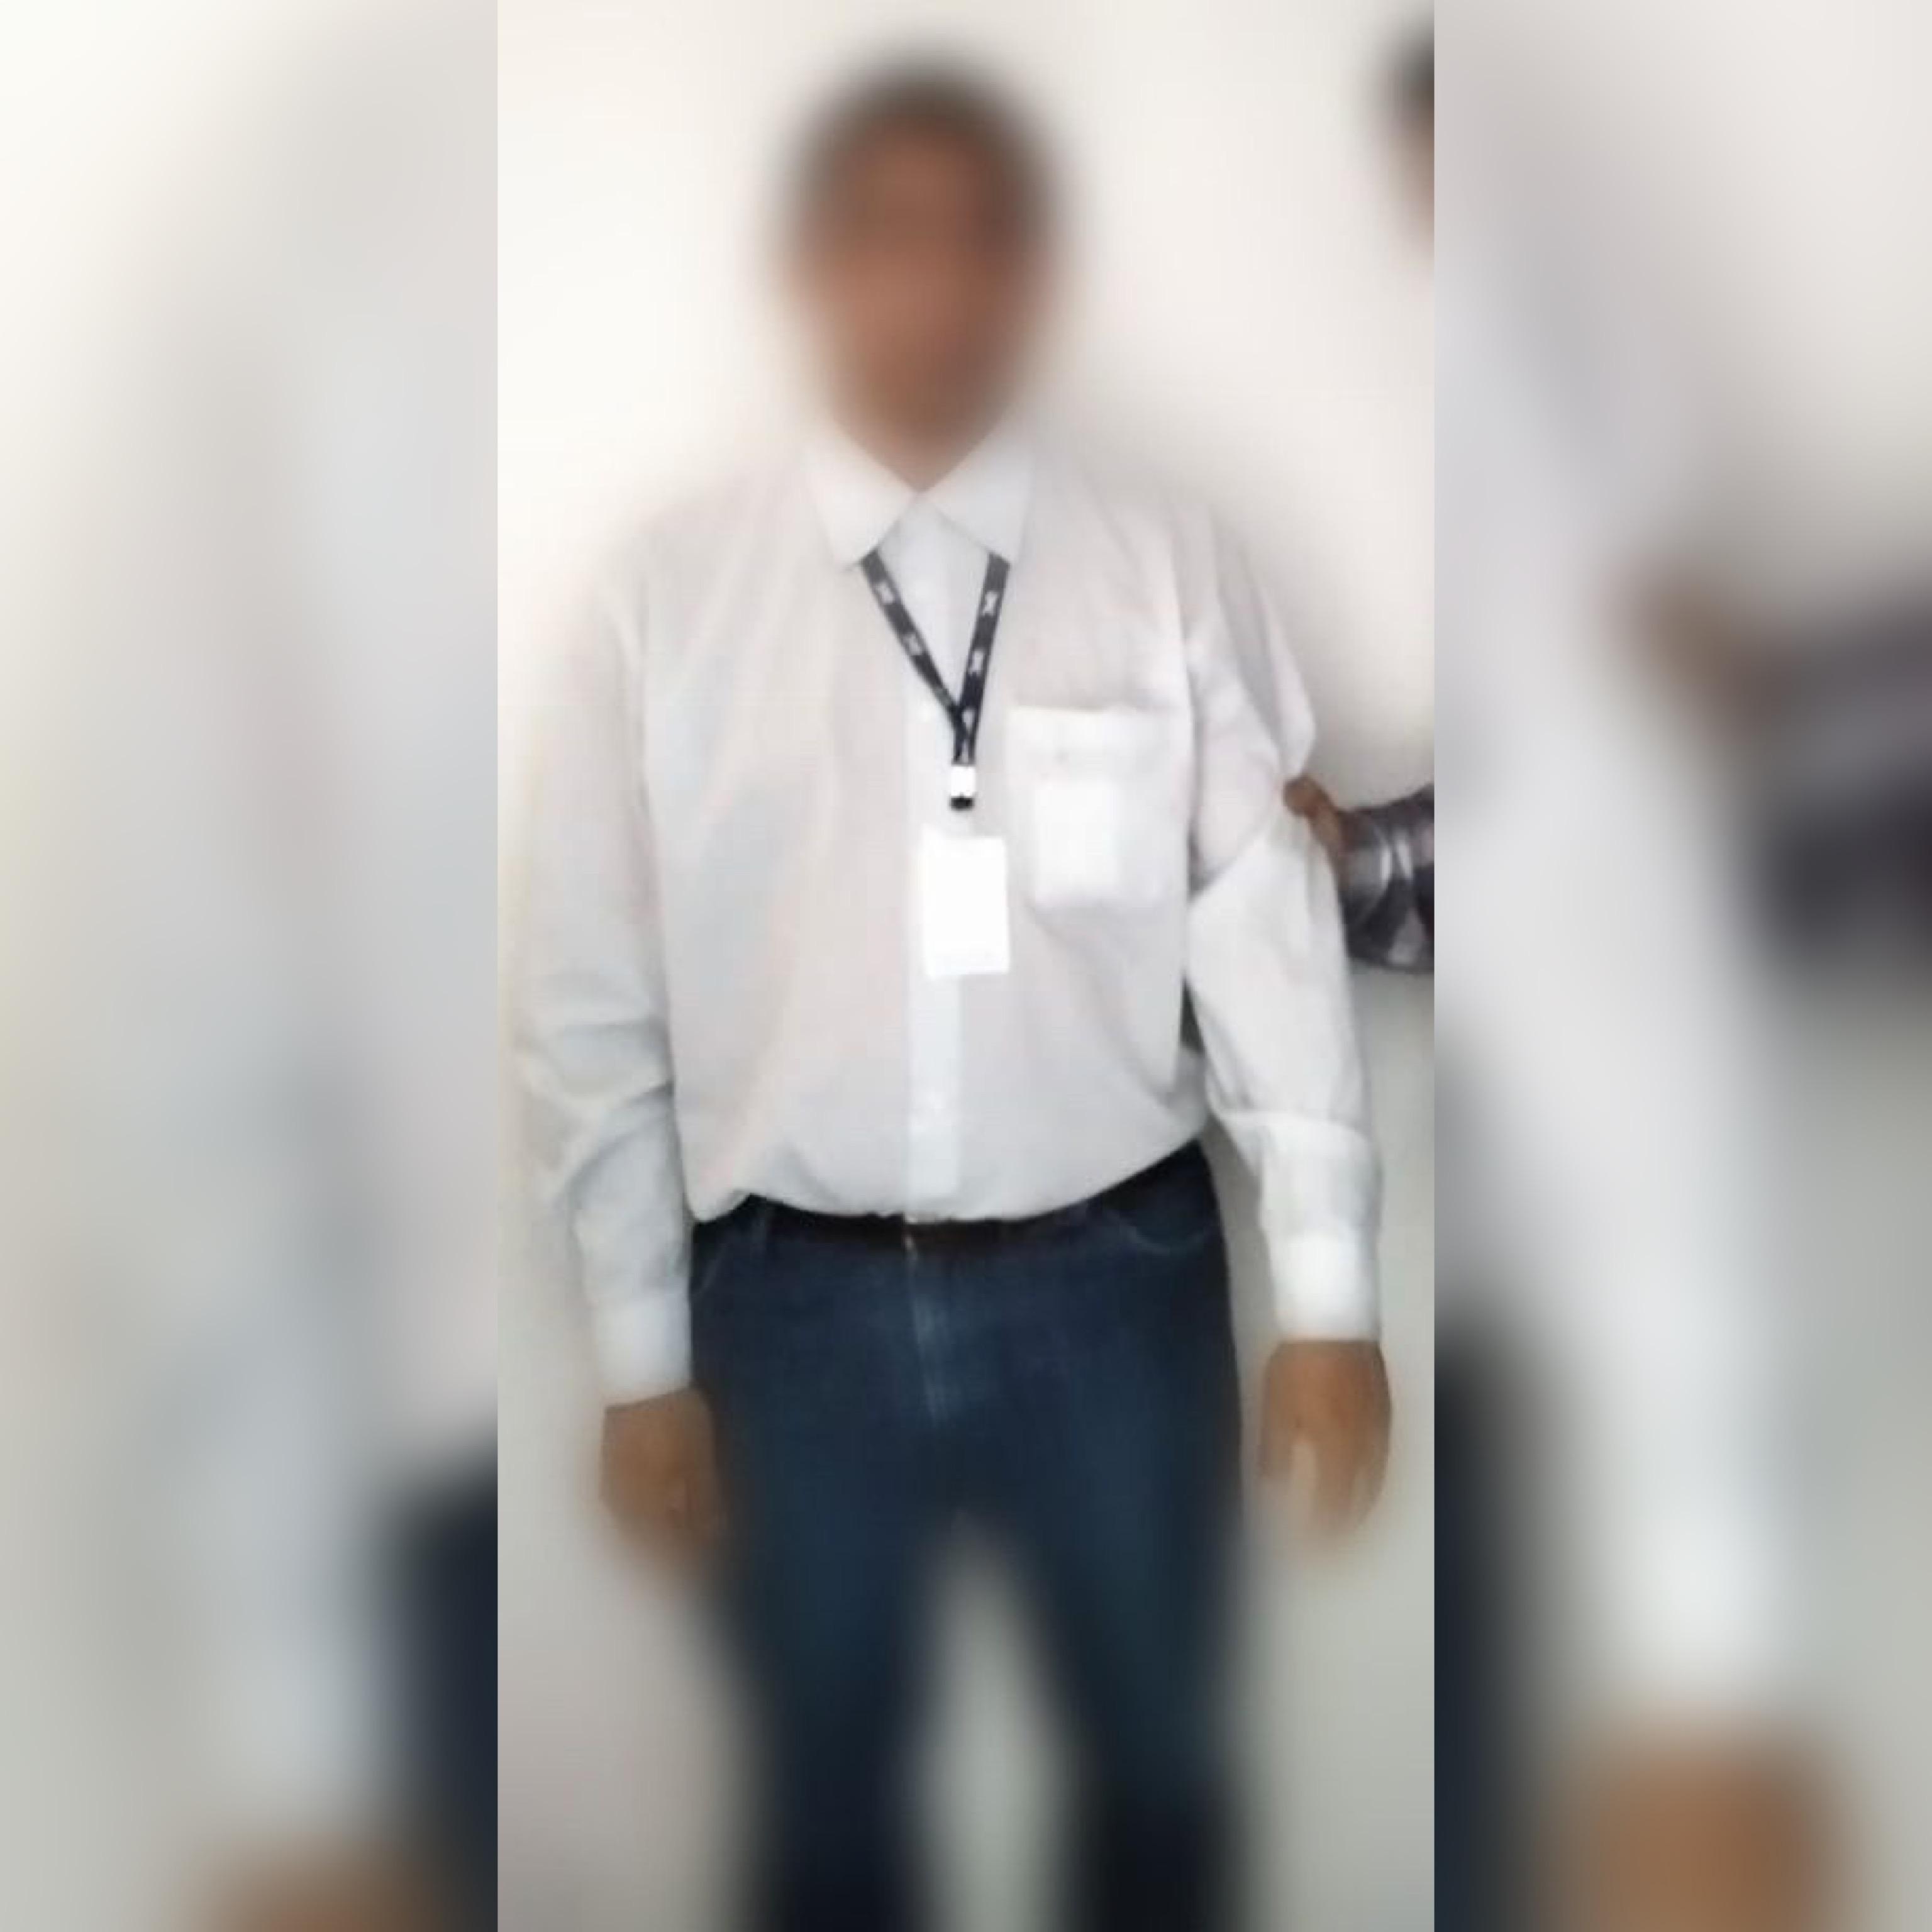 Pastor é preso suspeito de estuprar criança de 11 anos na Paraíba - PB Hoje